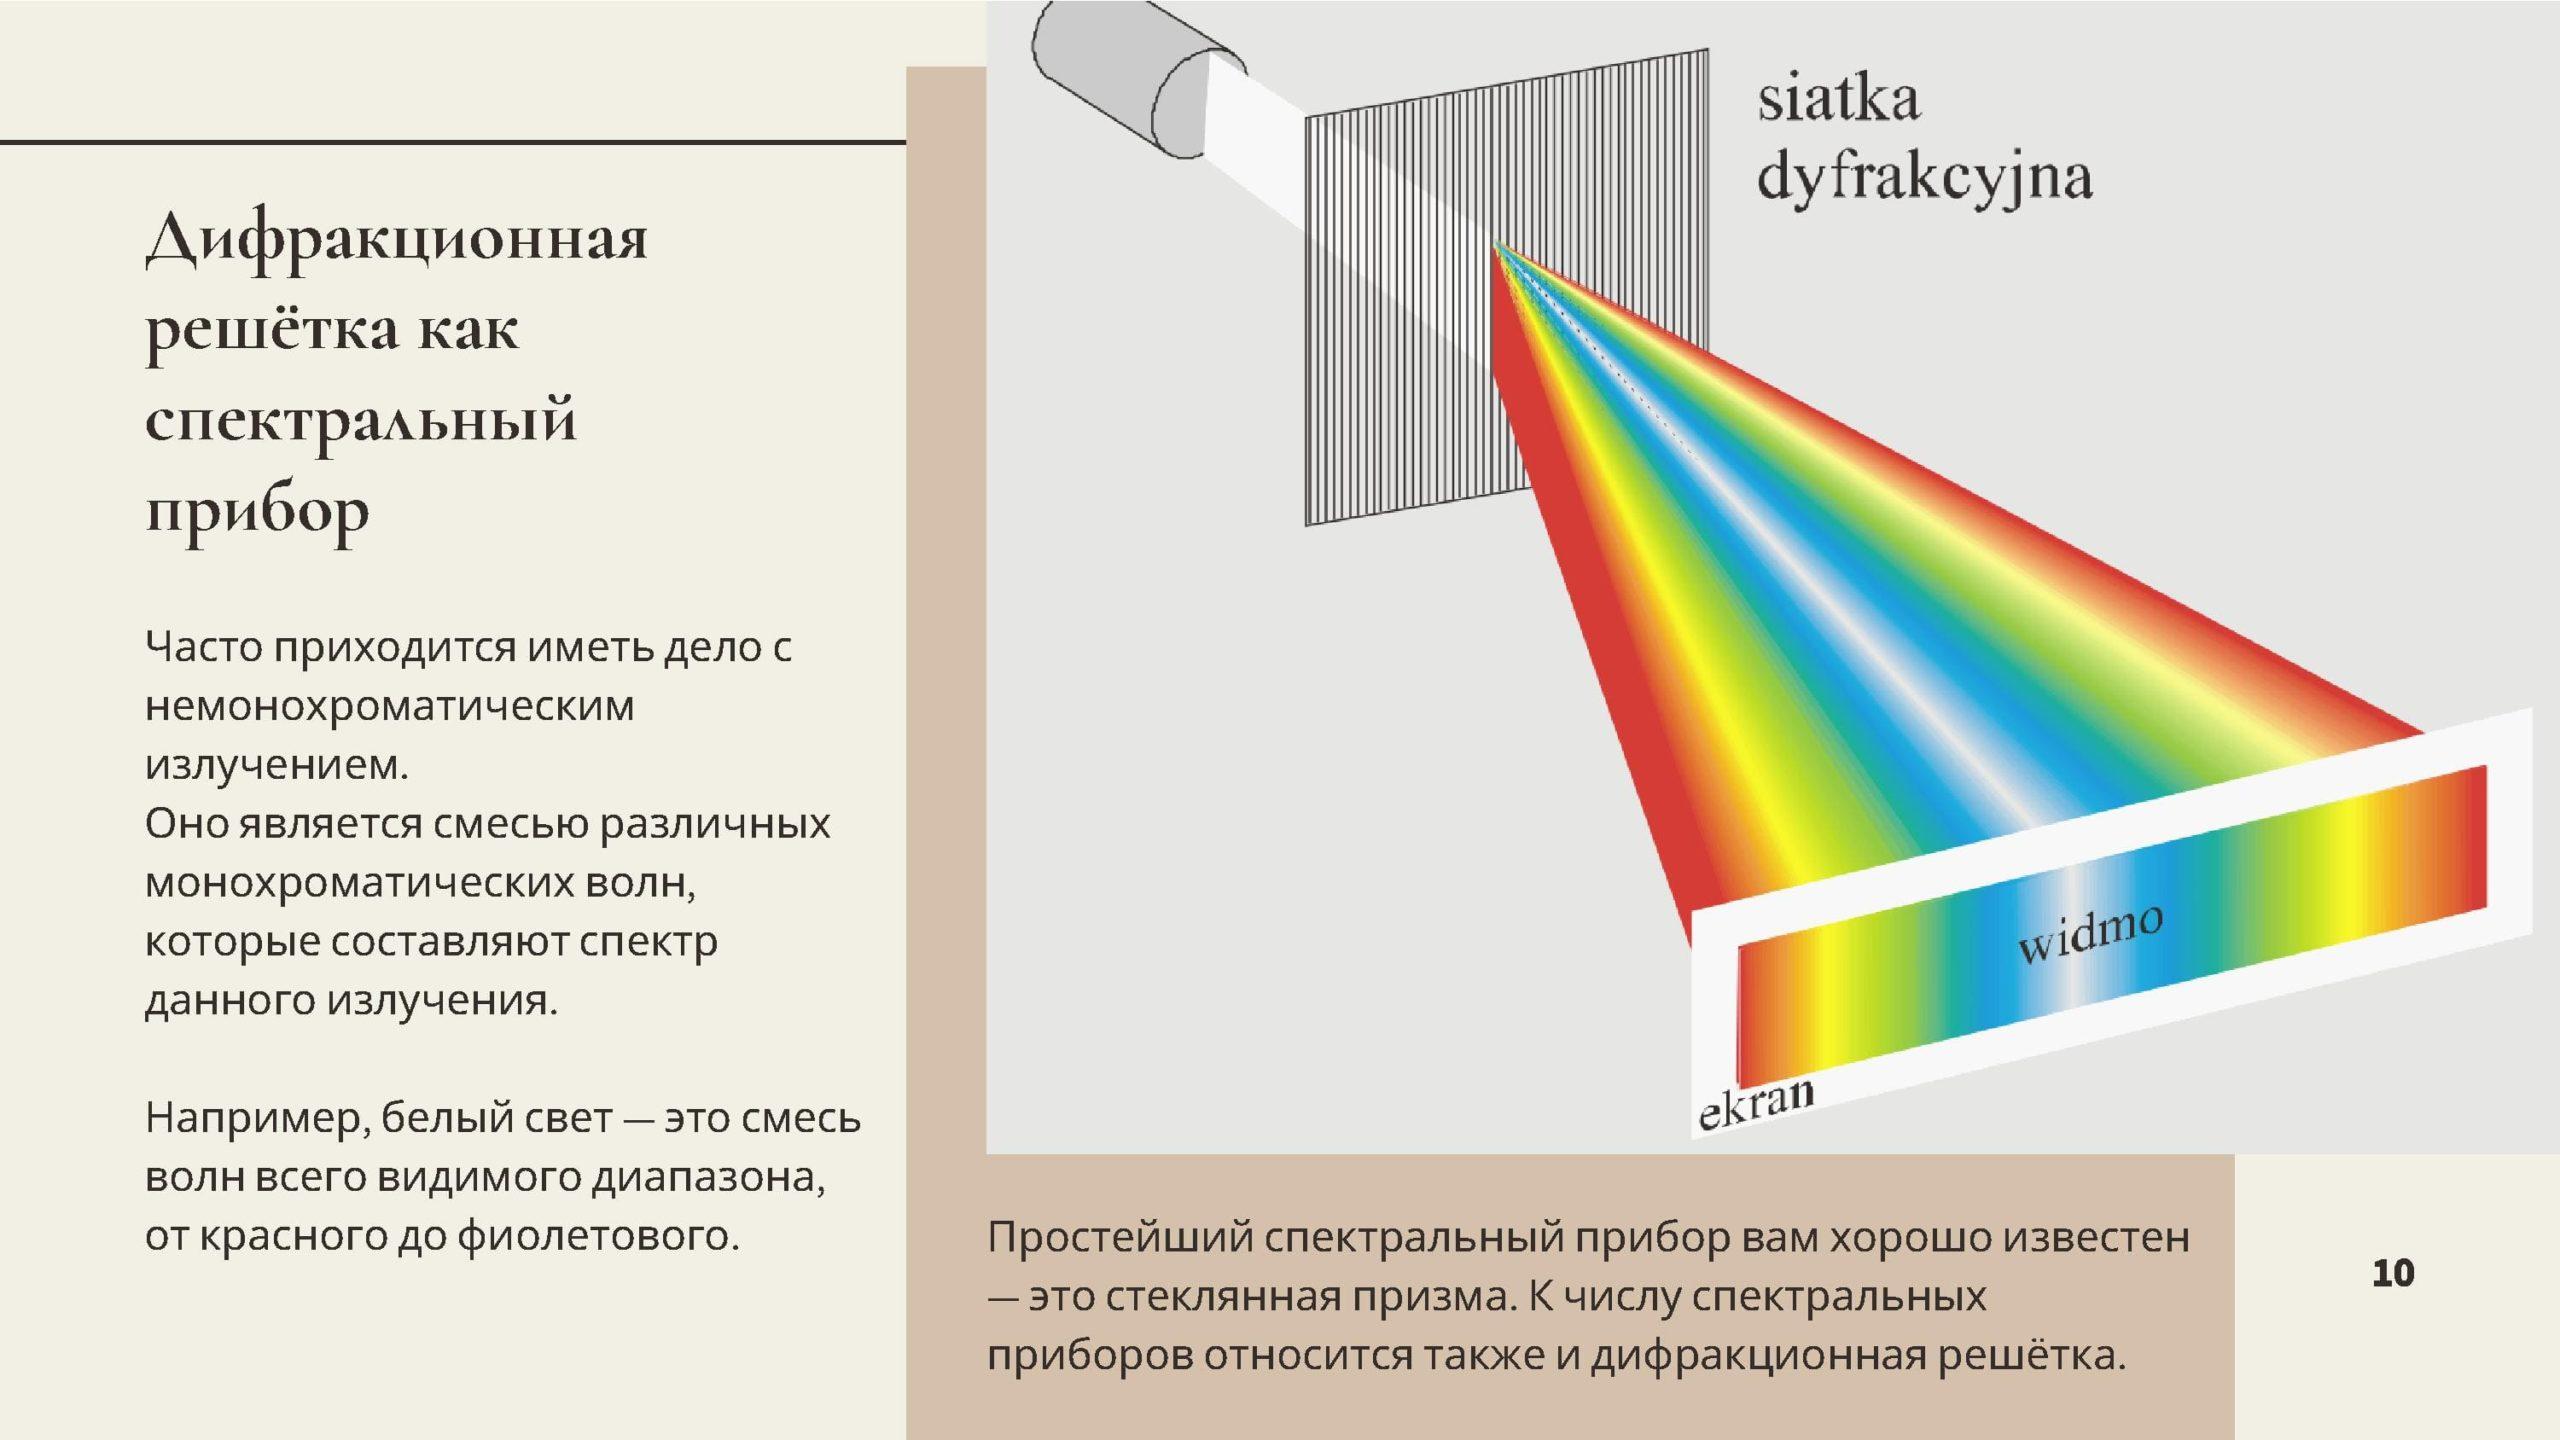 Дифракционная решётка как спектральный прибор